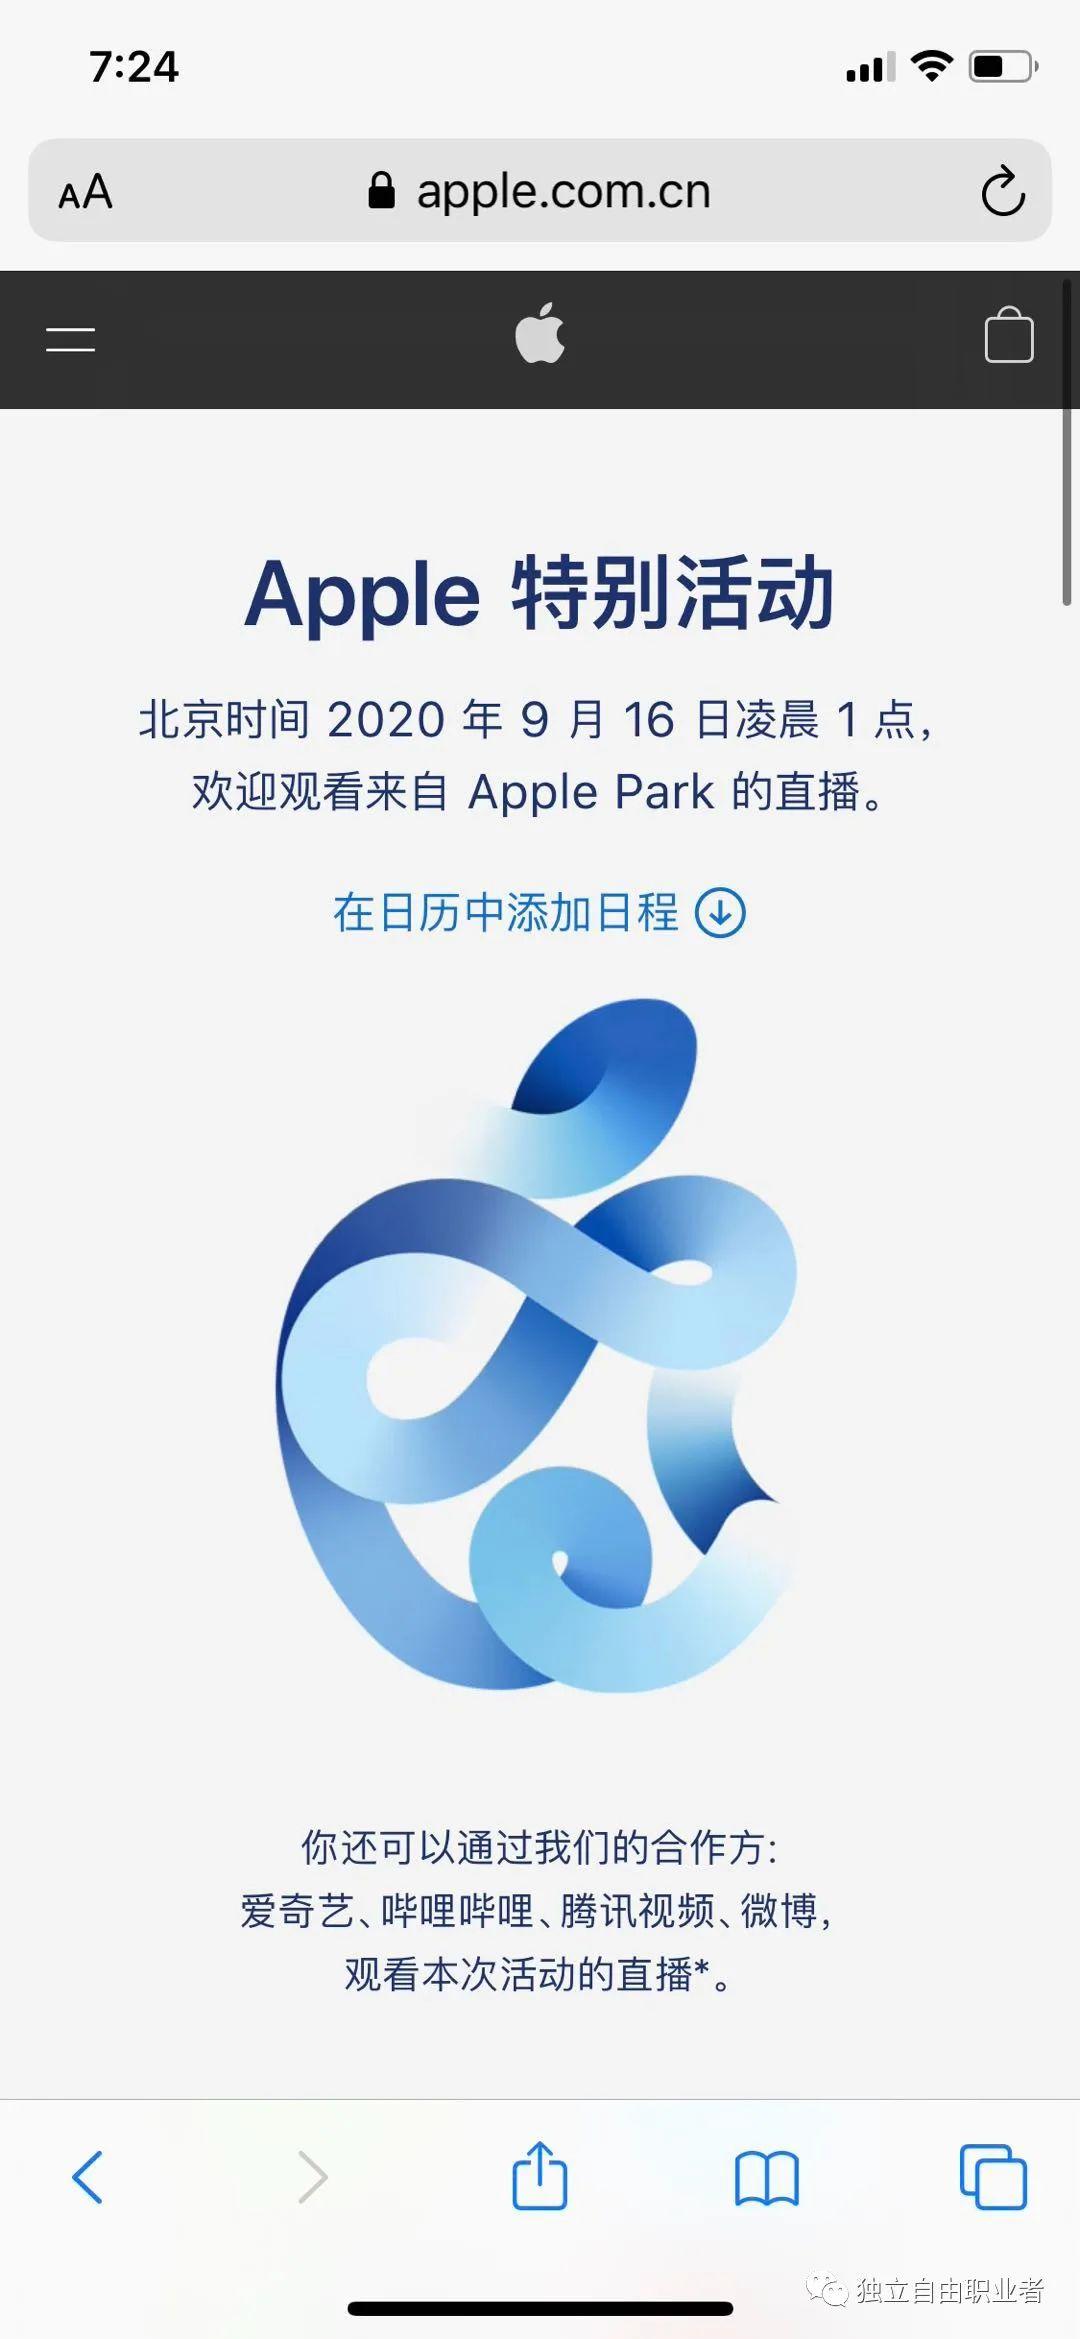 '苹果官宣:iPhone12将在9月16日,北京凌晨1点发布'的缩略图